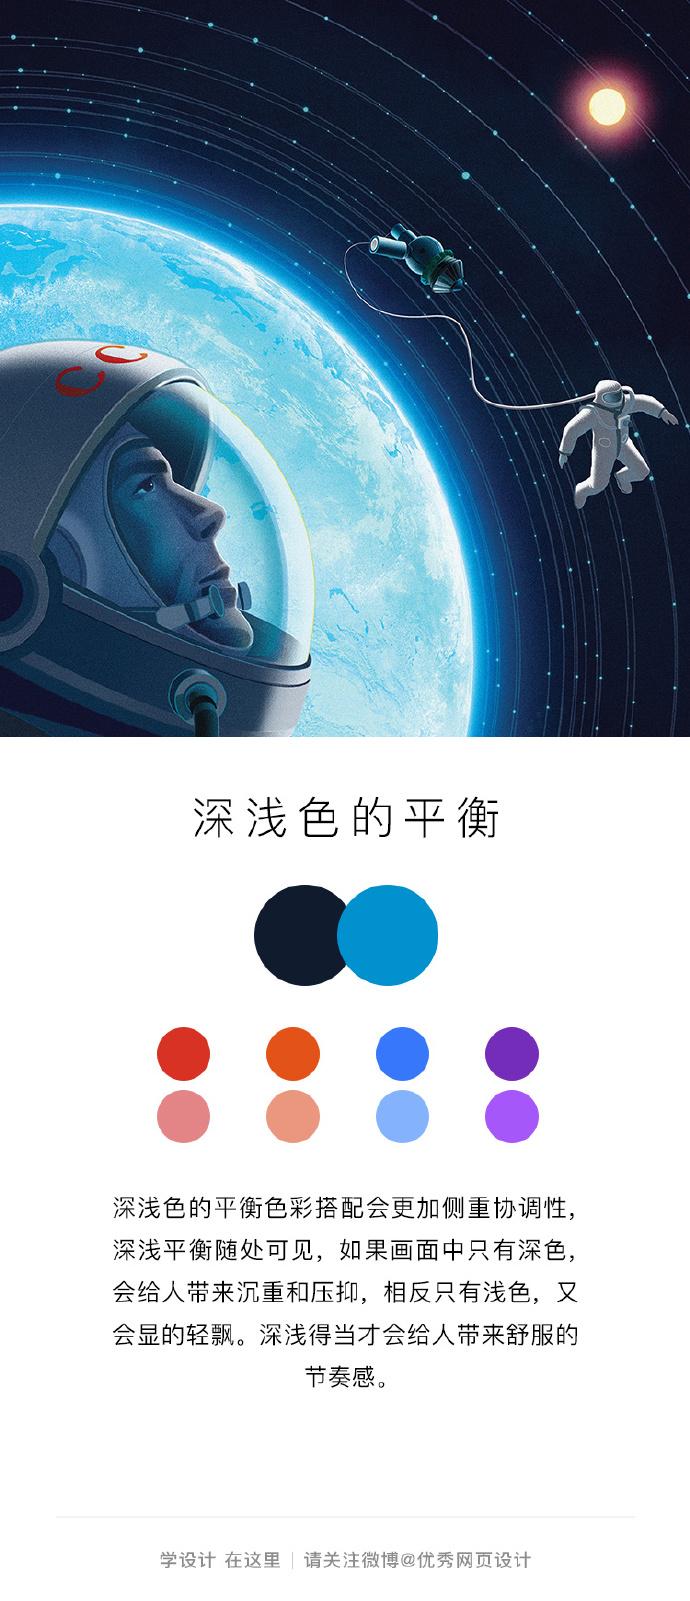 uisdc-color-20170125-2